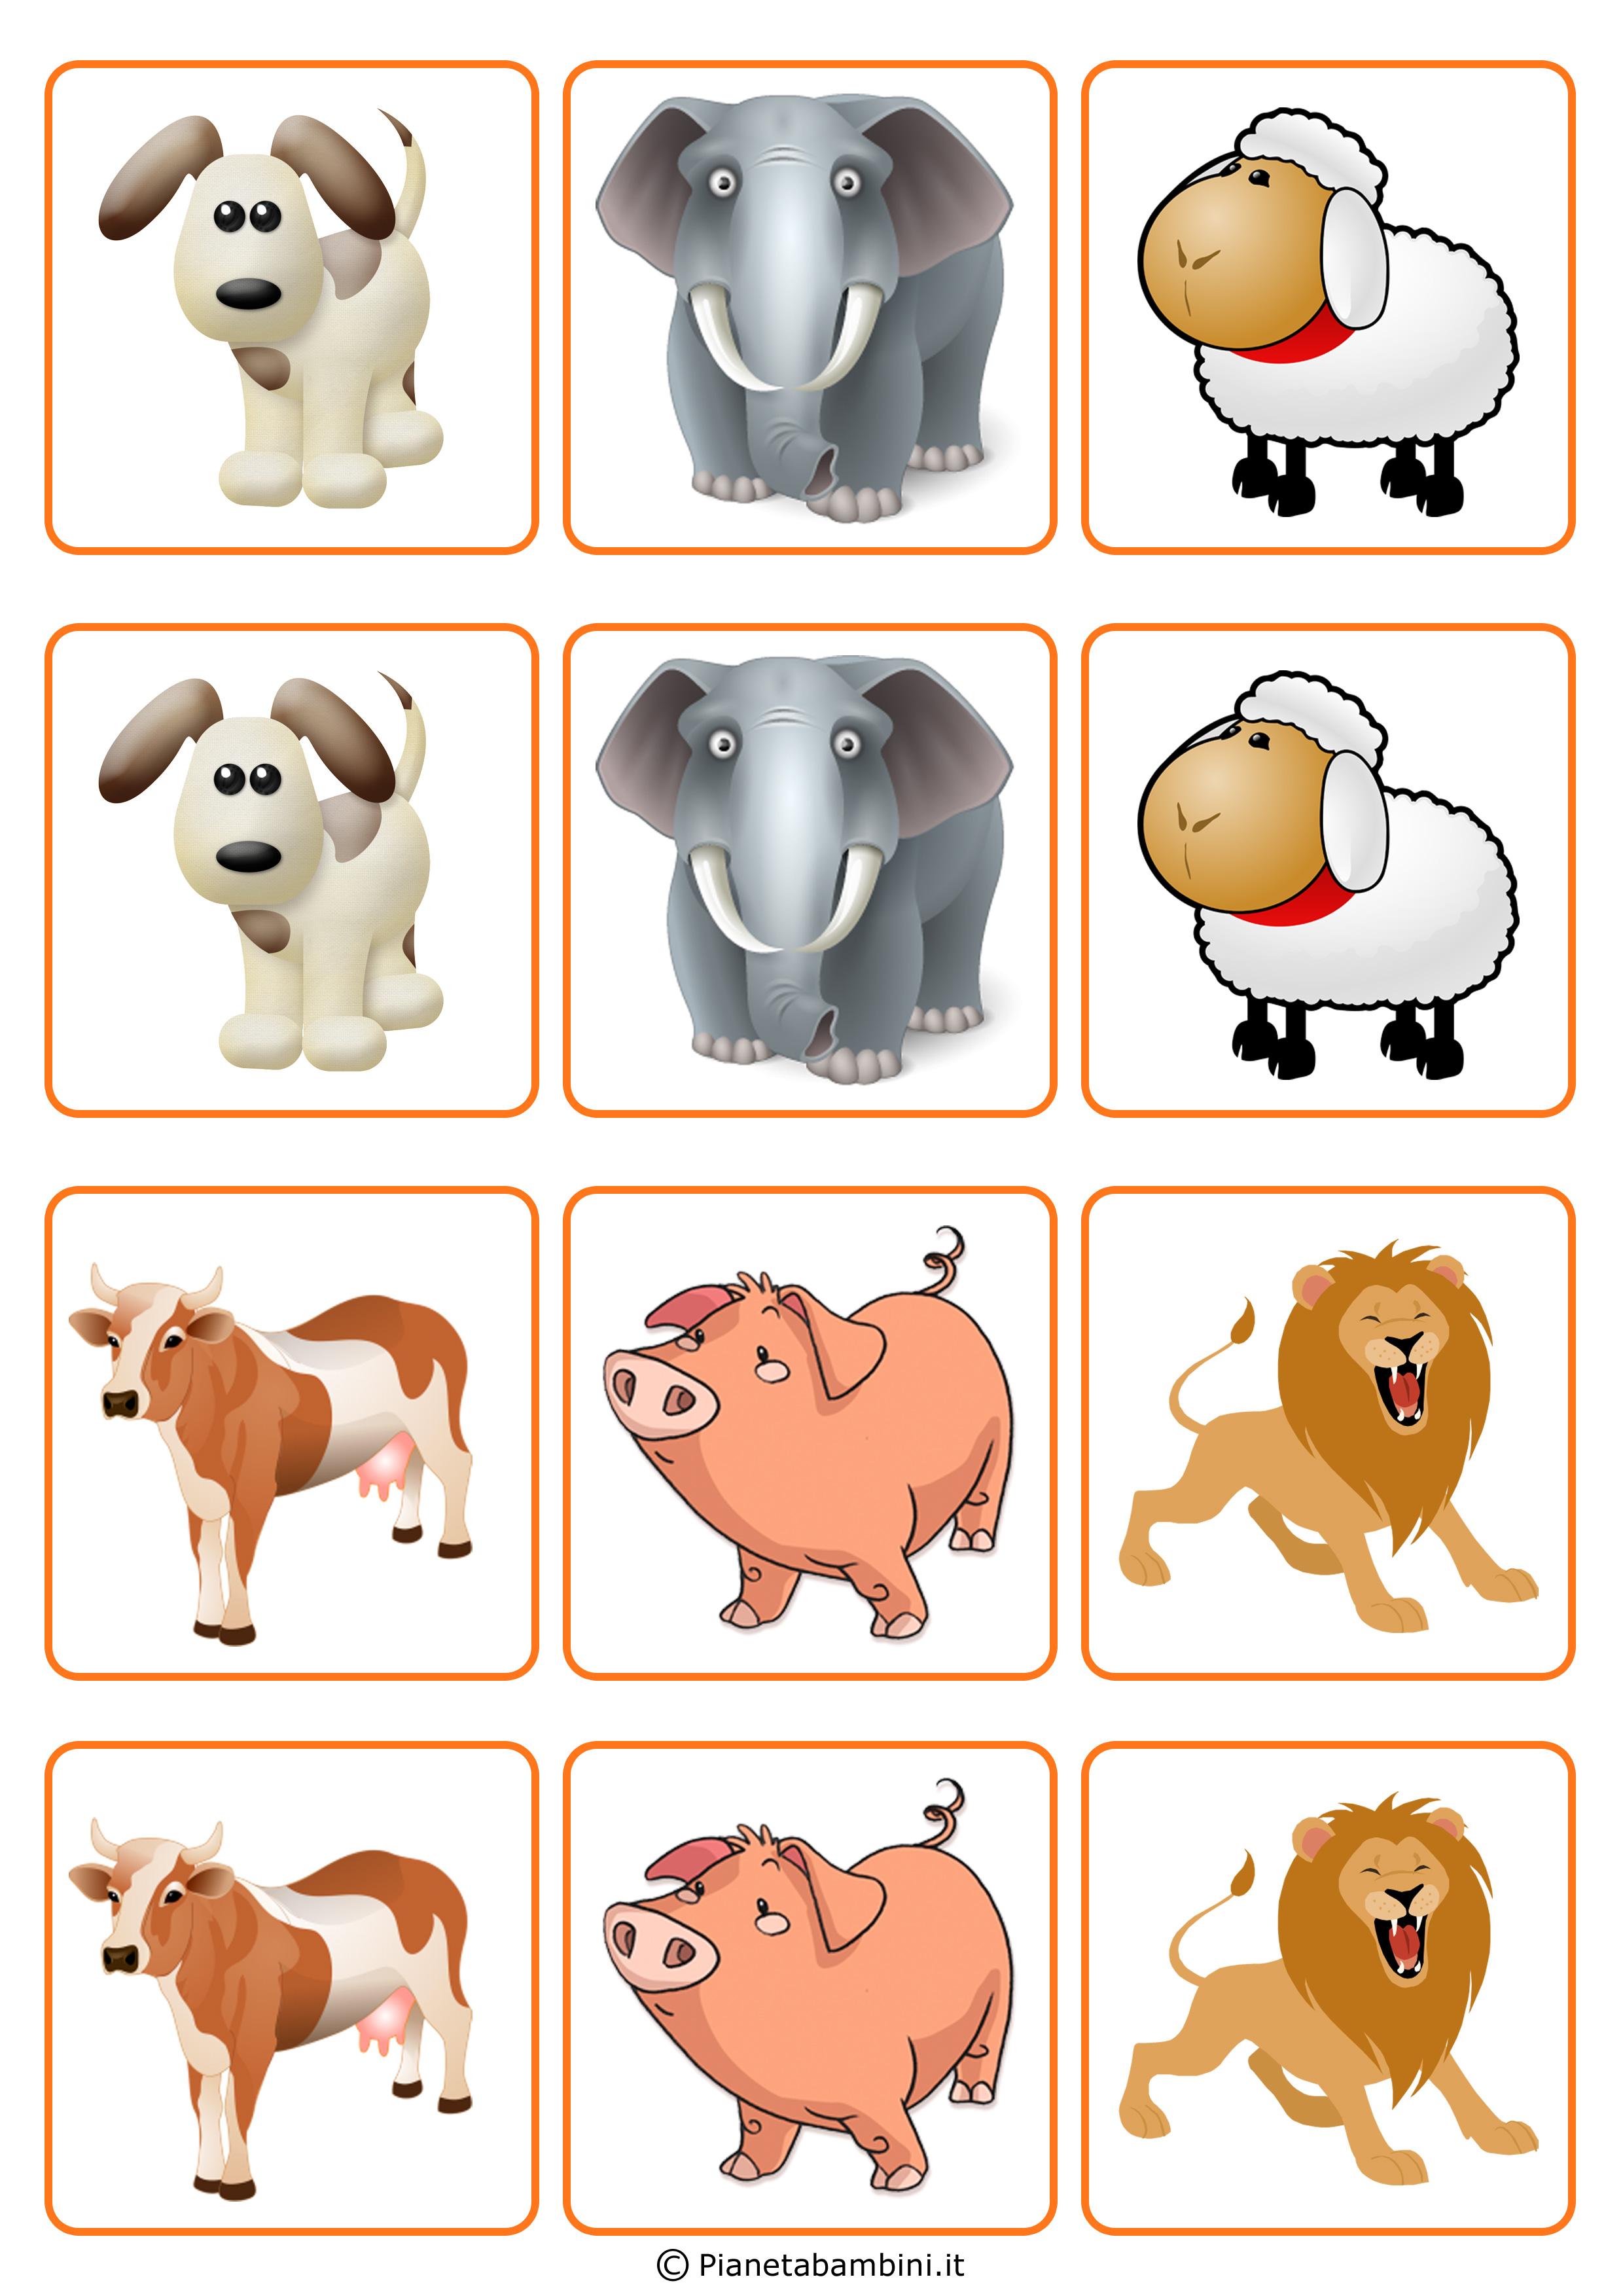 gioco memory per bambini da stampare e ritagliare gratis